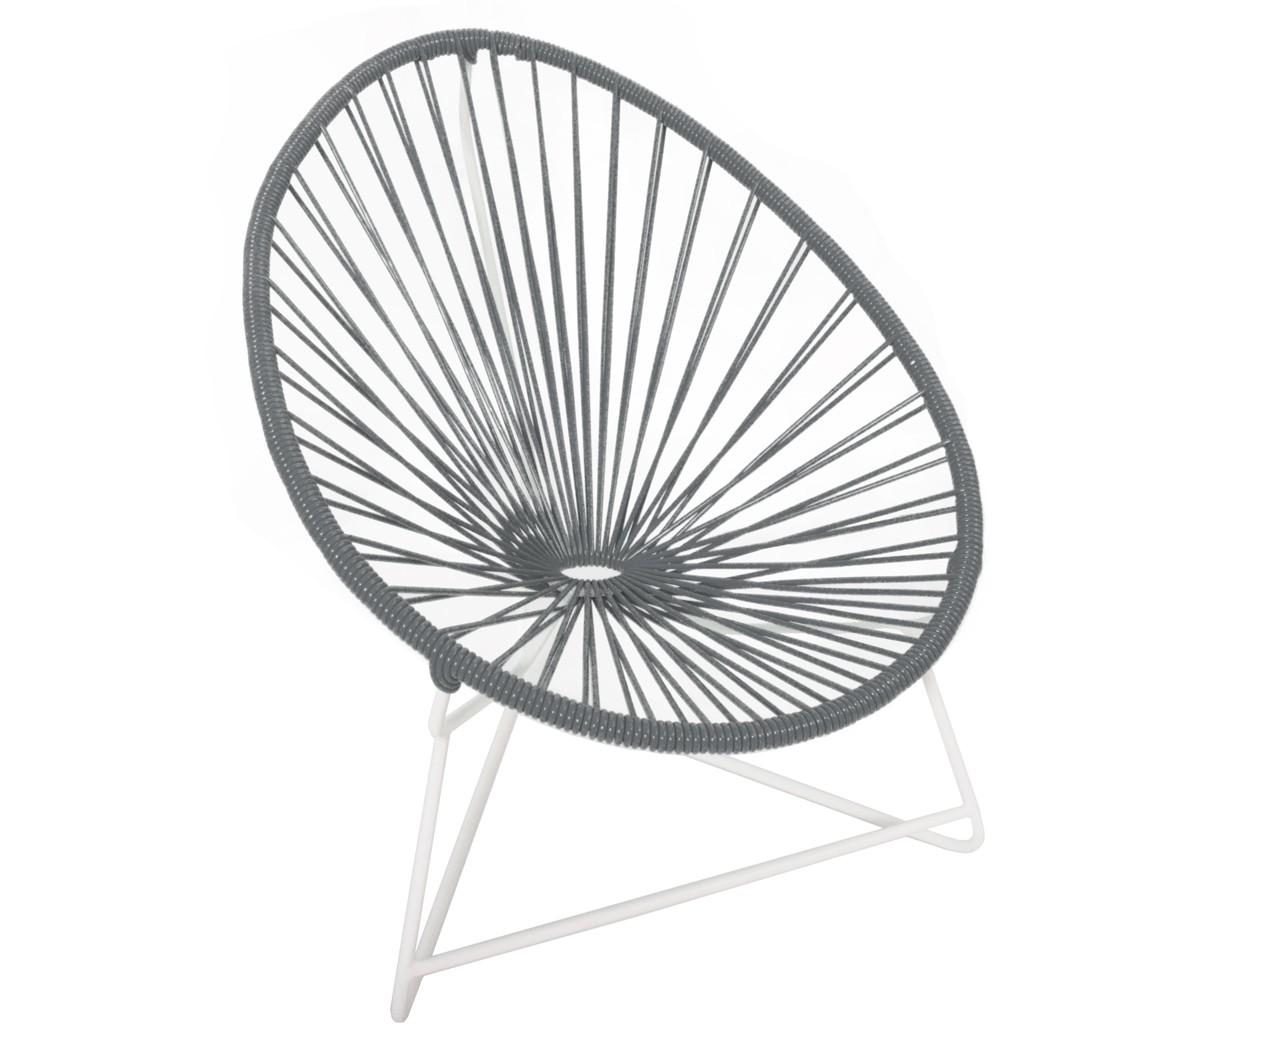 fauteuil acapulco enfant de boqa avec structure blanche gris fer. Black Bedroom Furniture Sets. Home Design Ideas